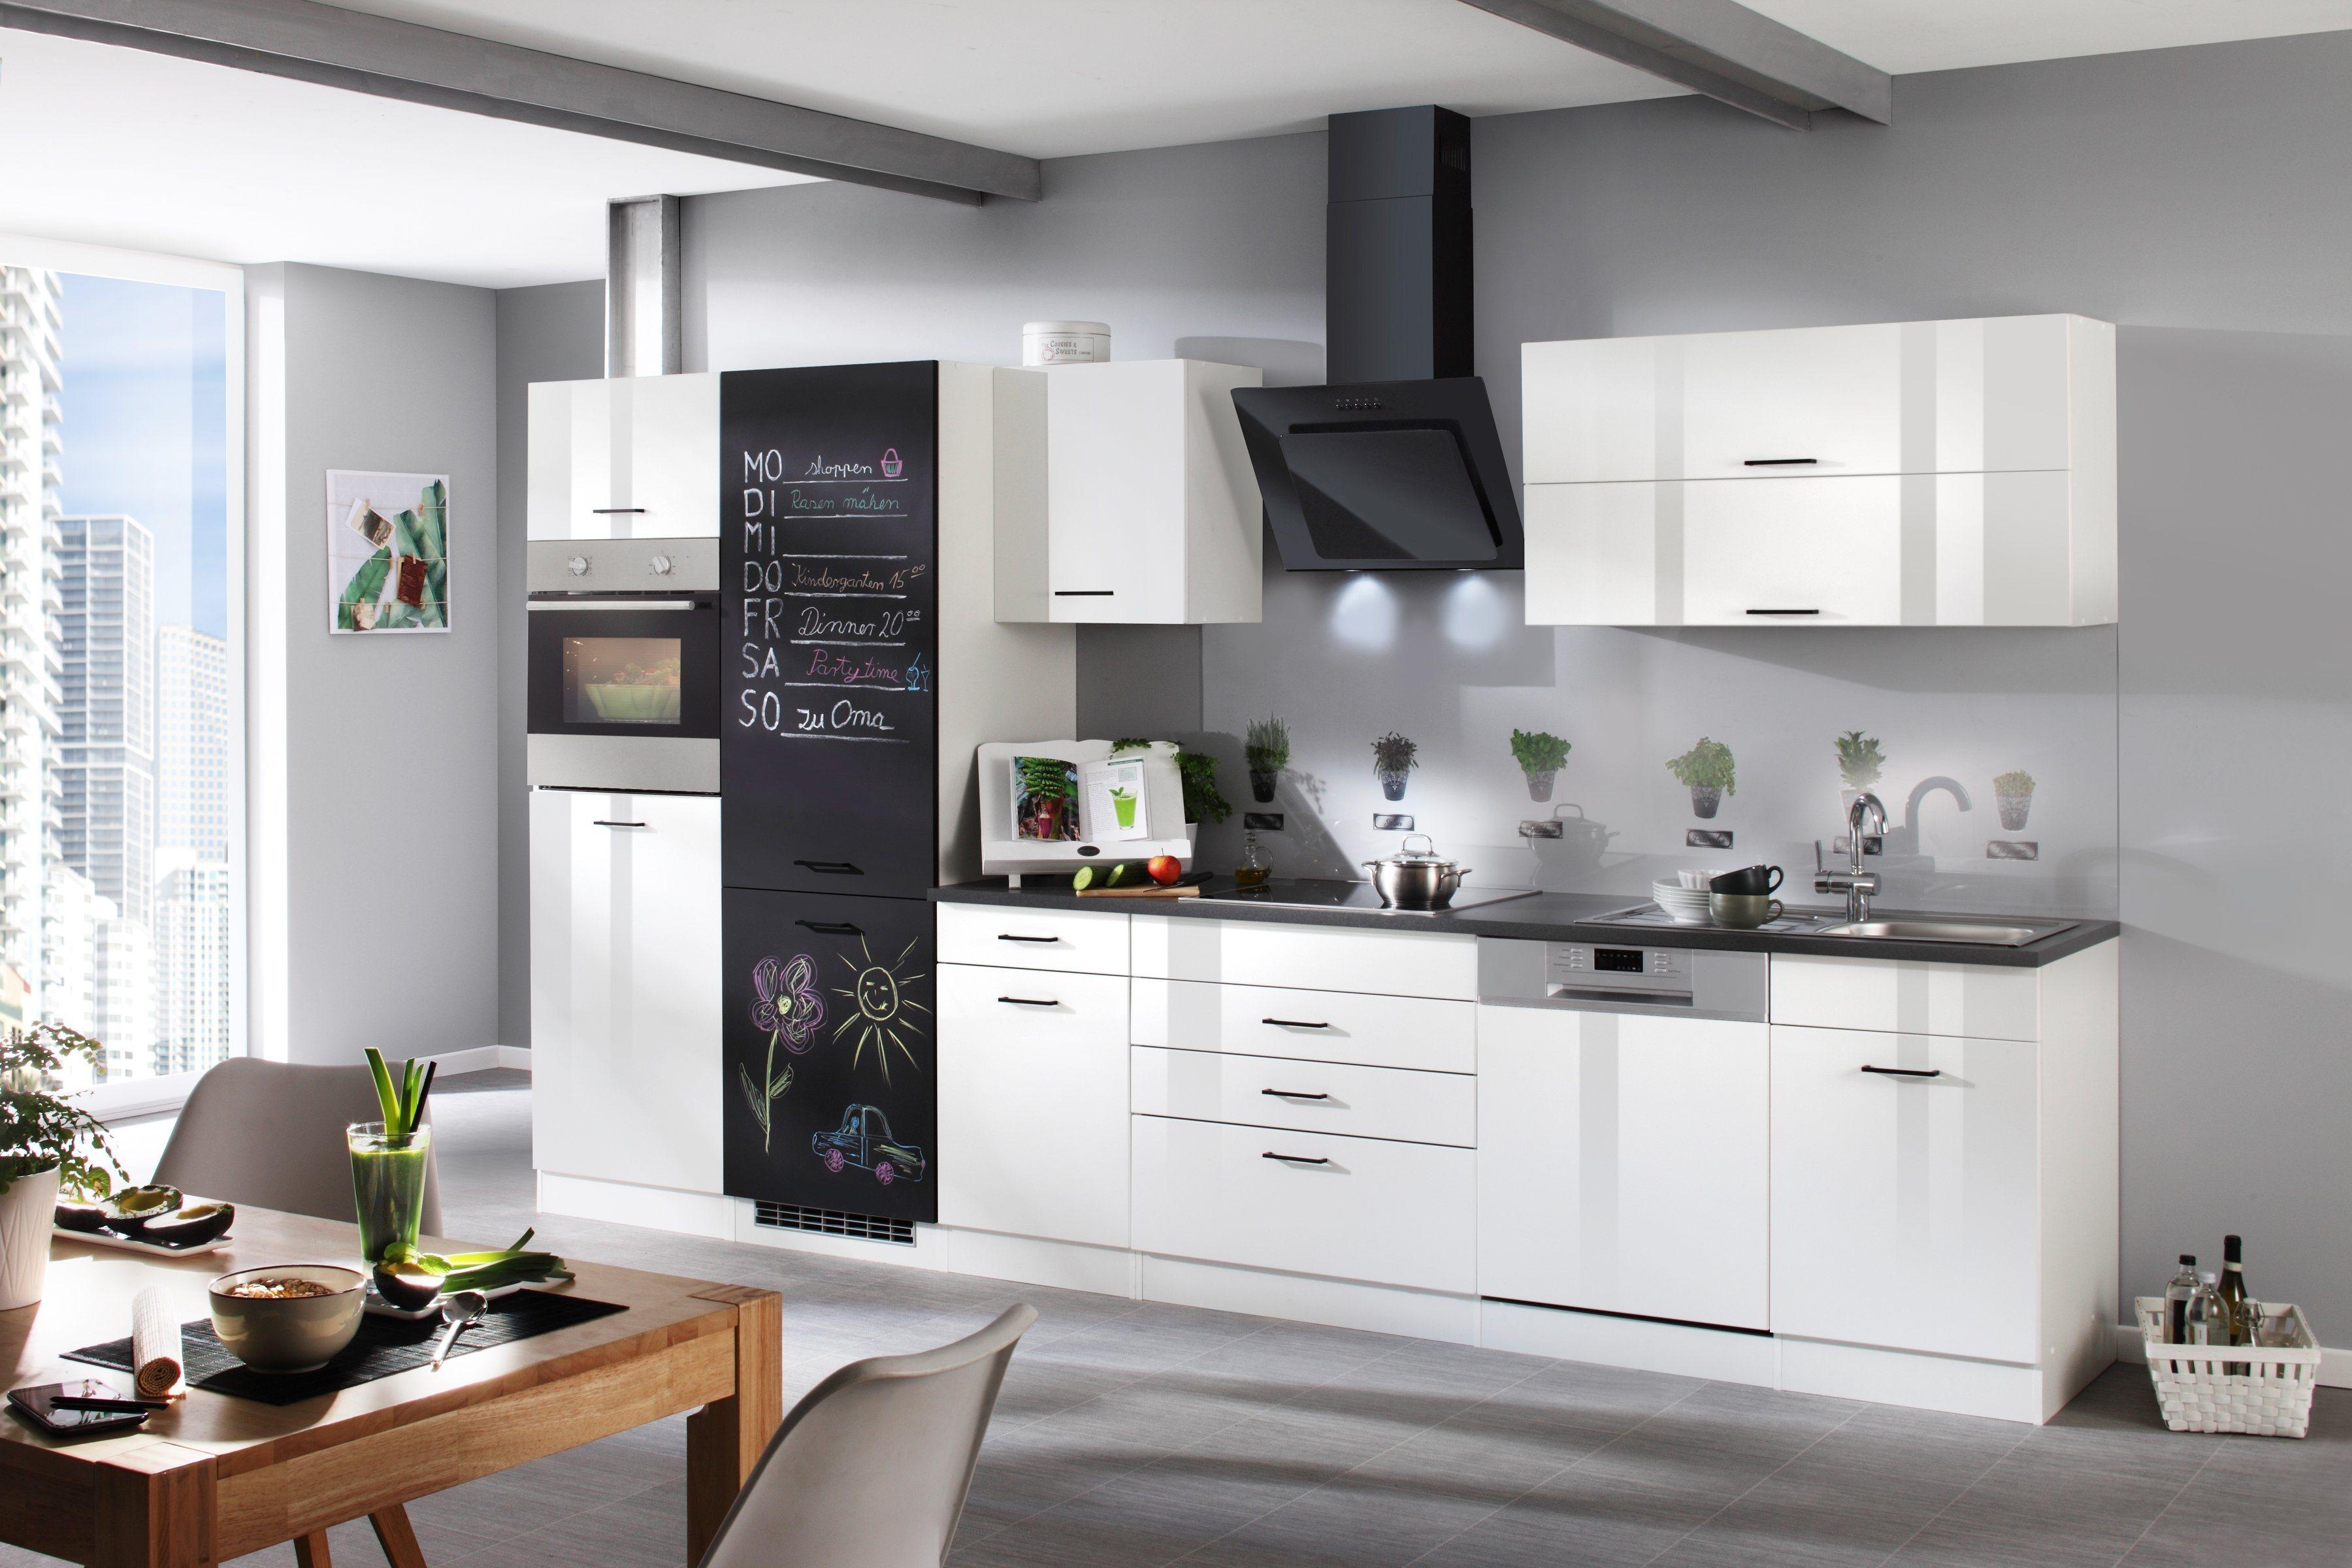 Gorenje Kühlschrank Lichtschalter : Umluft dunstabzugshaube gorenje preisvergleich u2022 die besten angebote